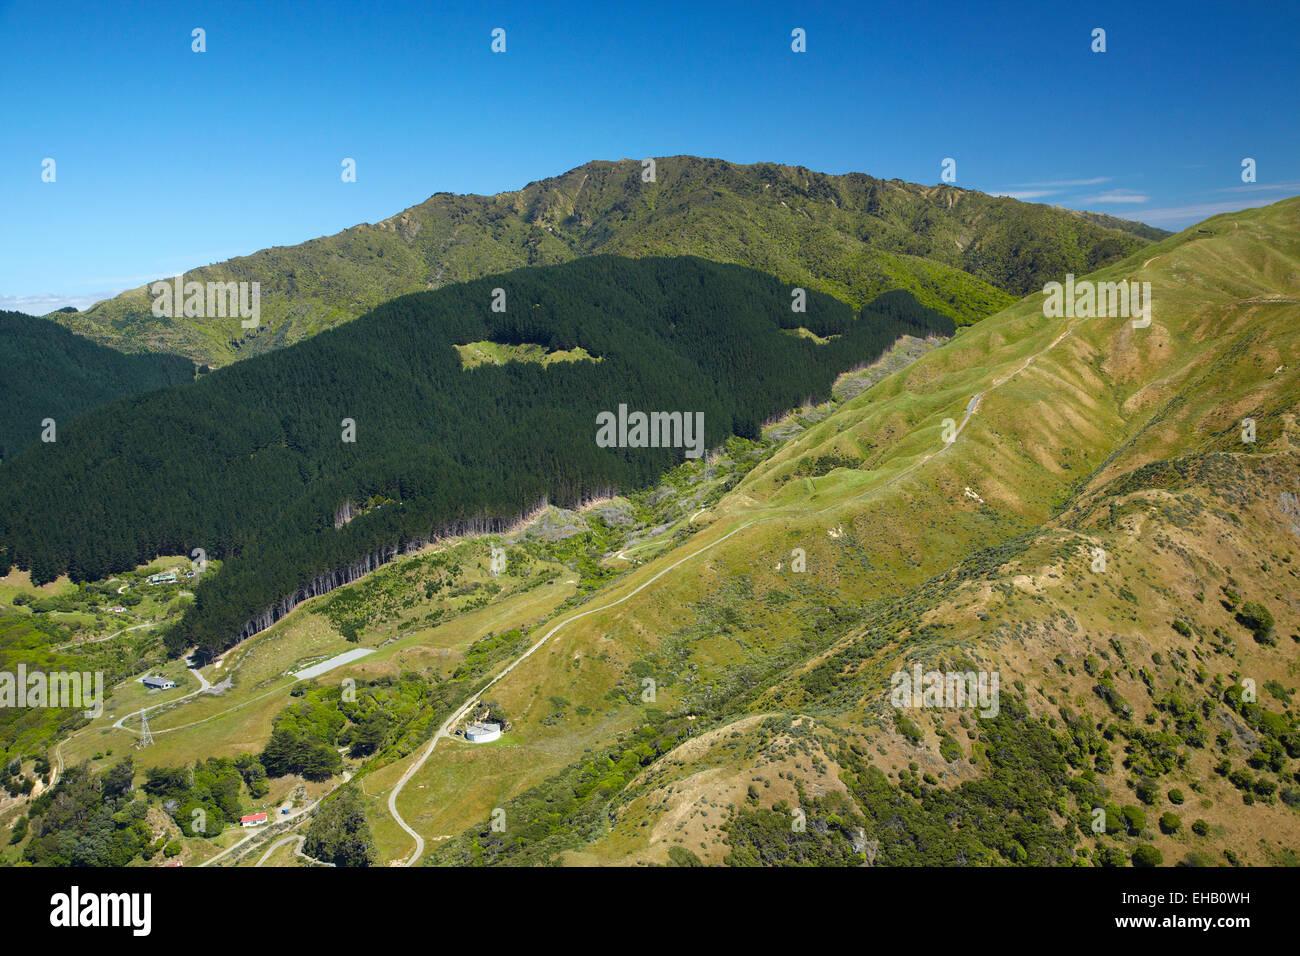 Transmission Gully, proposed motorway route, Paekakariki, Kapiti Coast, north of Wellington, North Island, New Zealand; - Stock Image